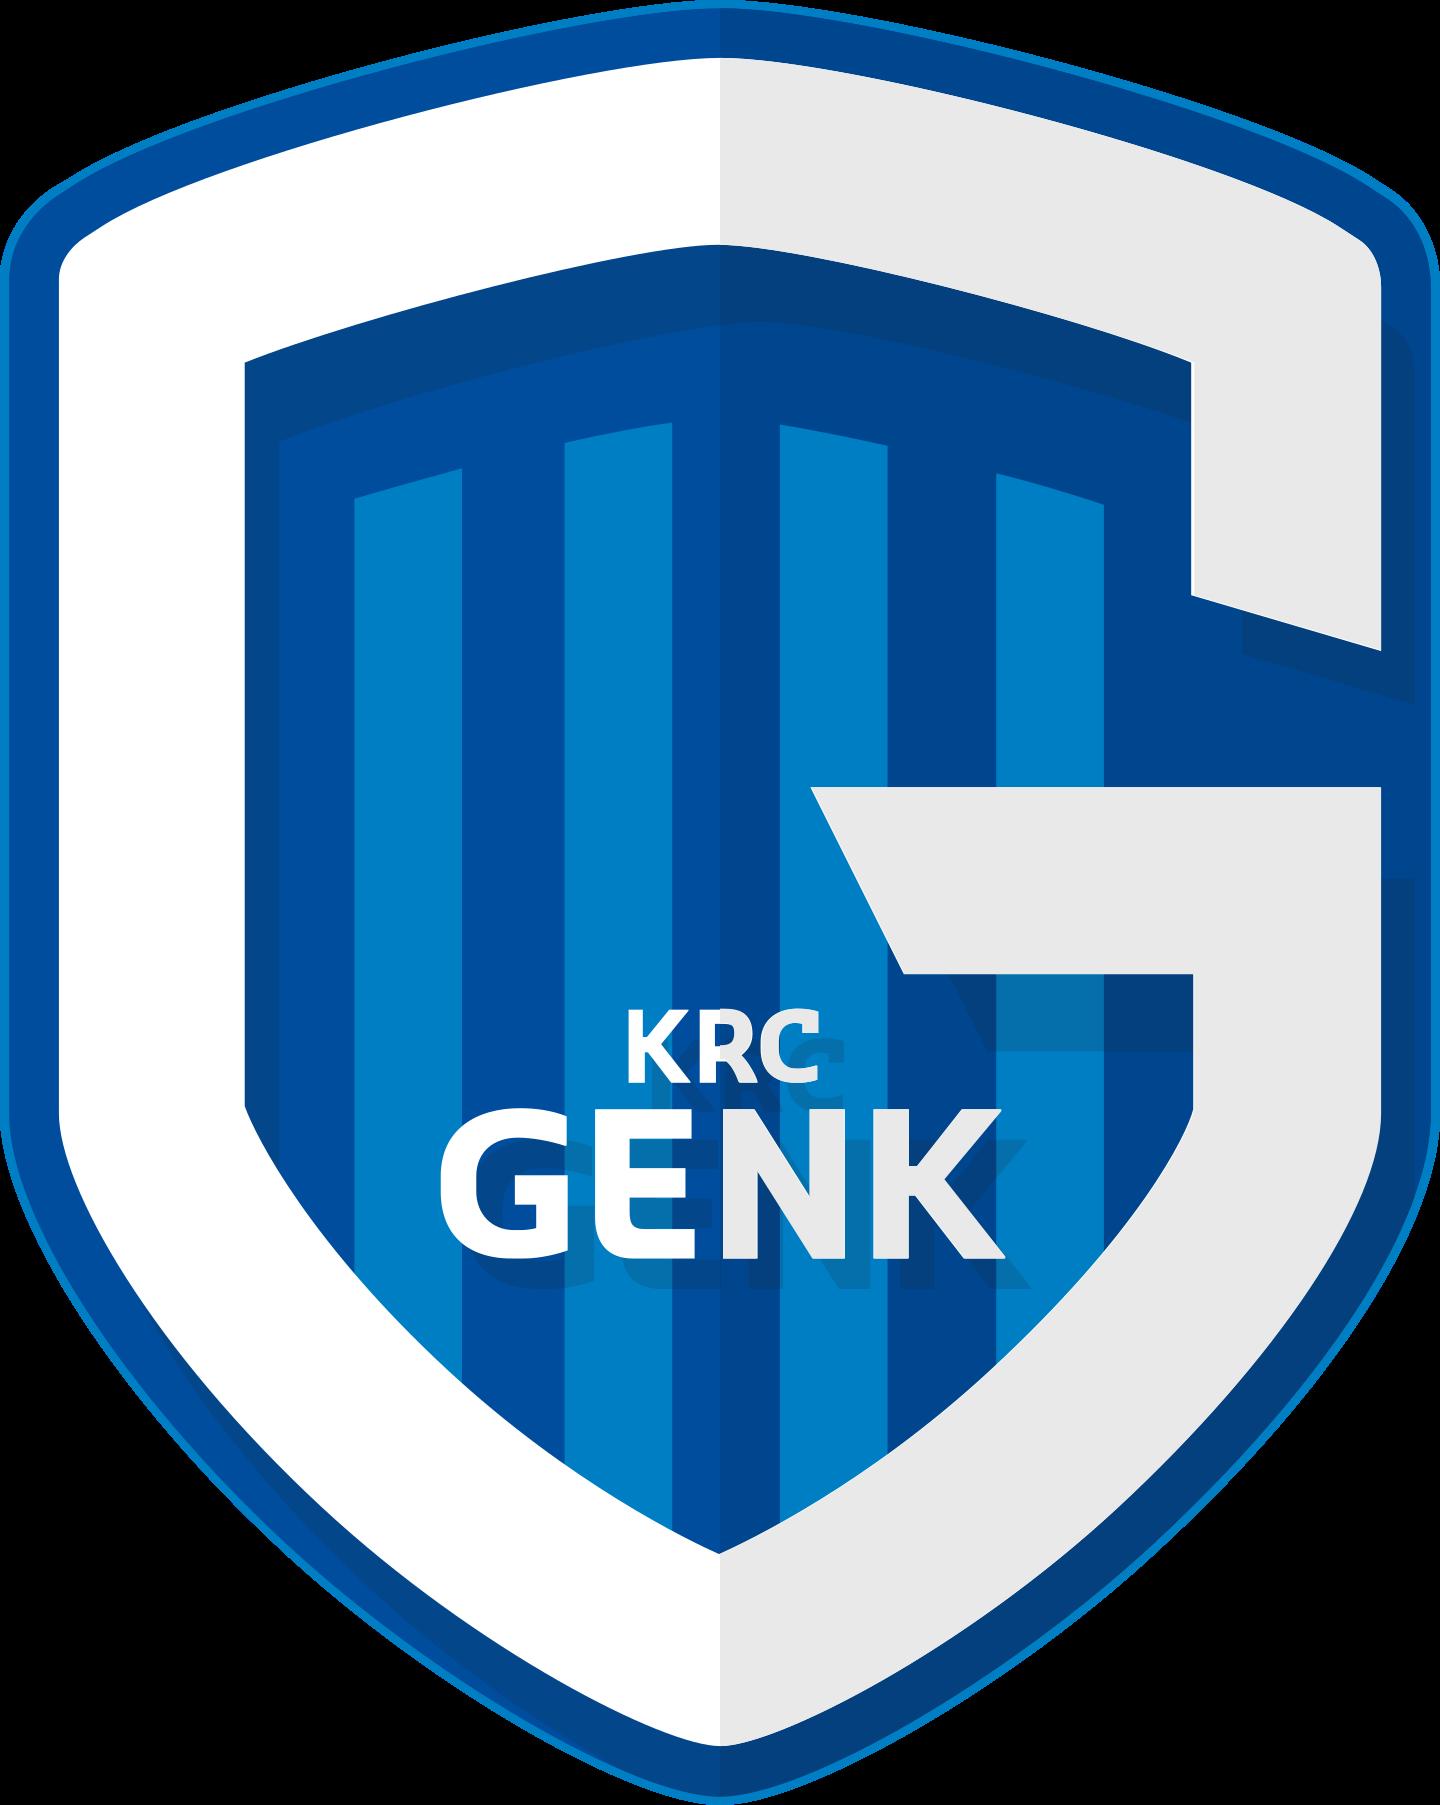 club genk logo 2 - Club Genk Logo - Escudo